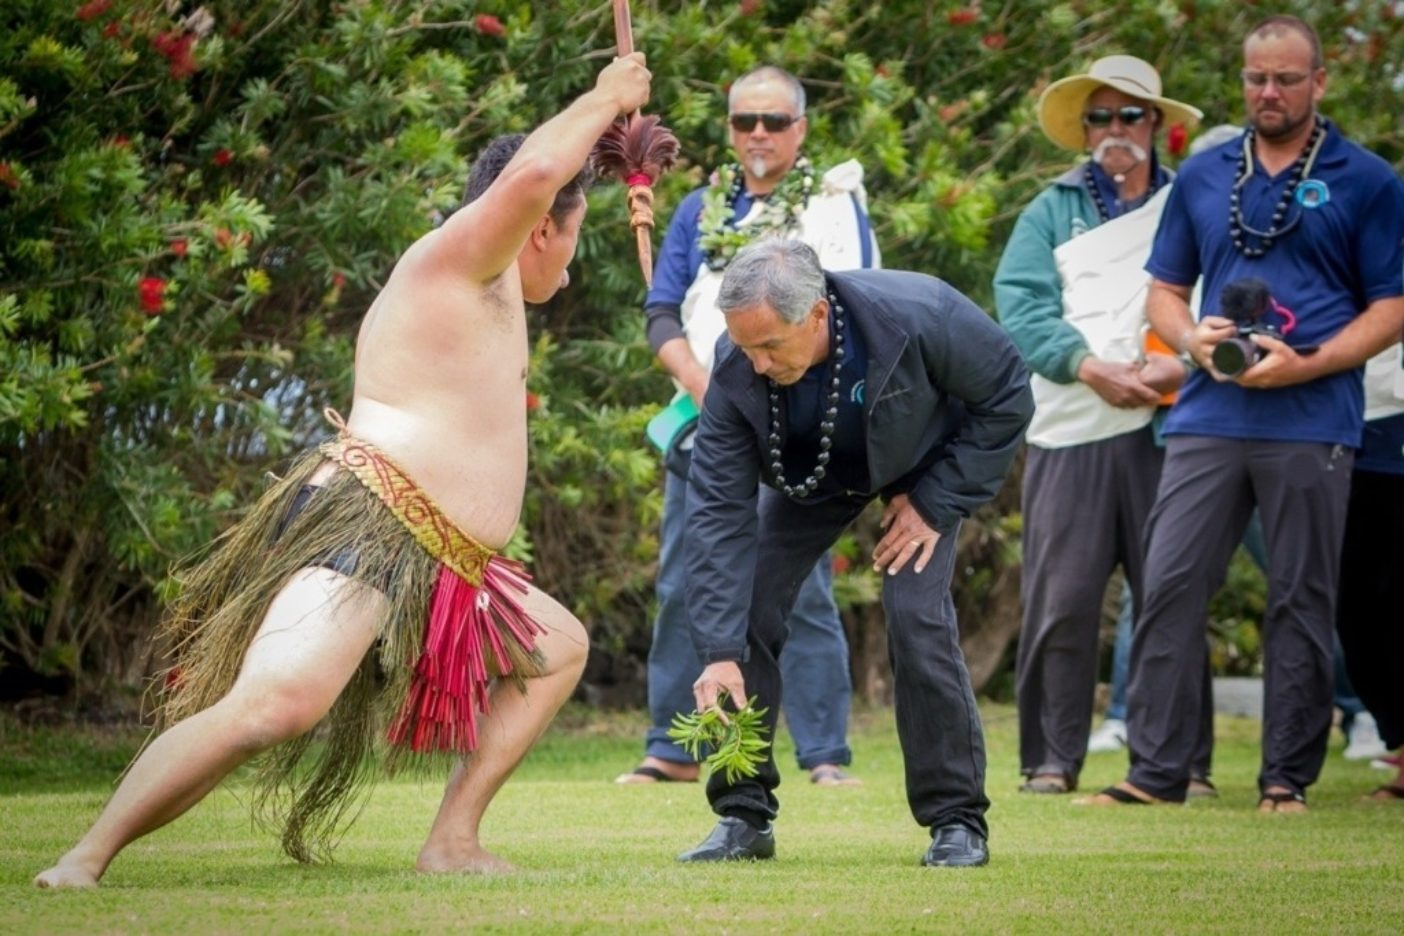 乗組員が上陸するとハカがはじまる。1人のマオリがハワイからの訪問者への挑戦として草を置く。ナイノア・トンプソン船長は戦士が進撃するなか、それを果敢に拾い上げる。Photo: John Bilderback